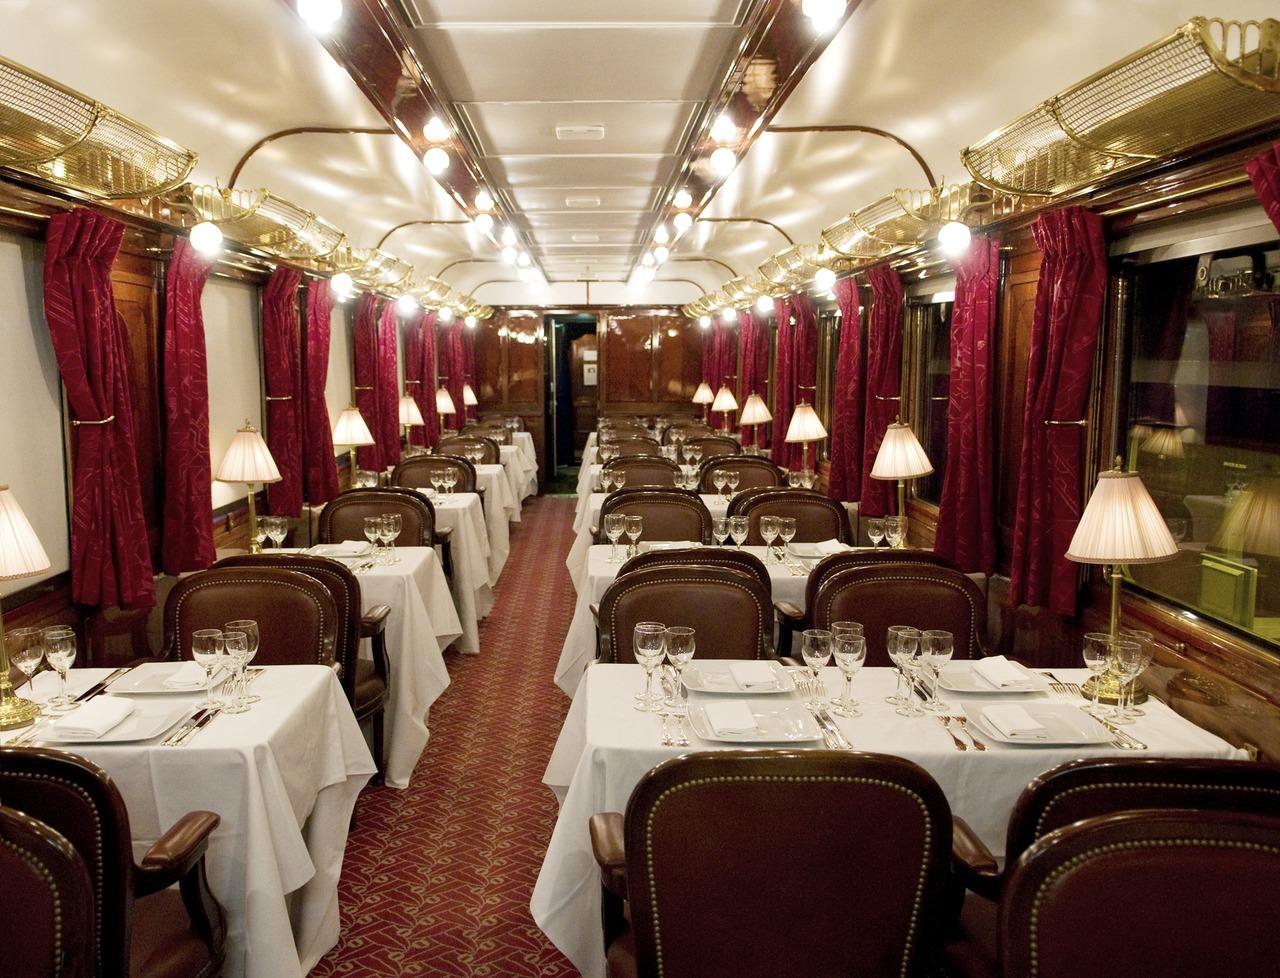 Пассажирский поезд Восточный экспресс, ресторан